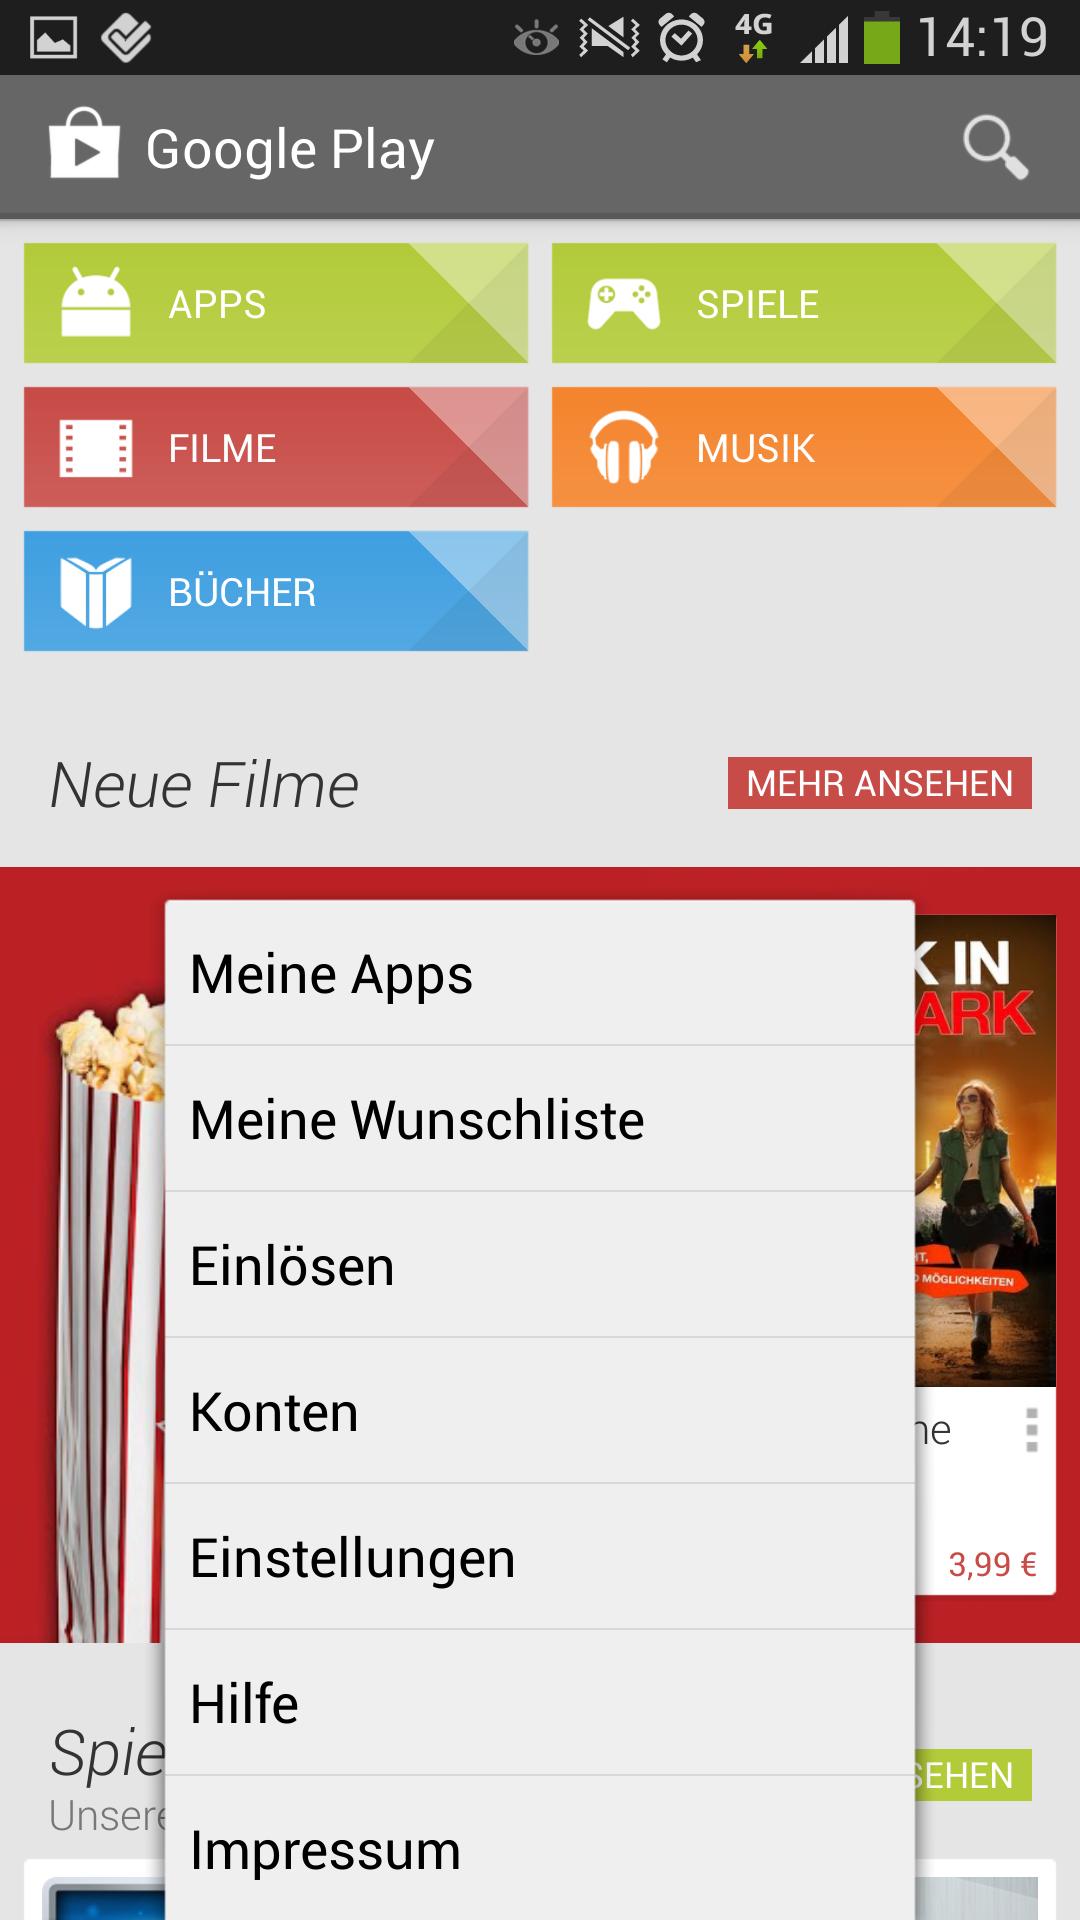 Google Play下载2019安卓最新版 Google Play手机官方版免费安装下载 豌豆荚